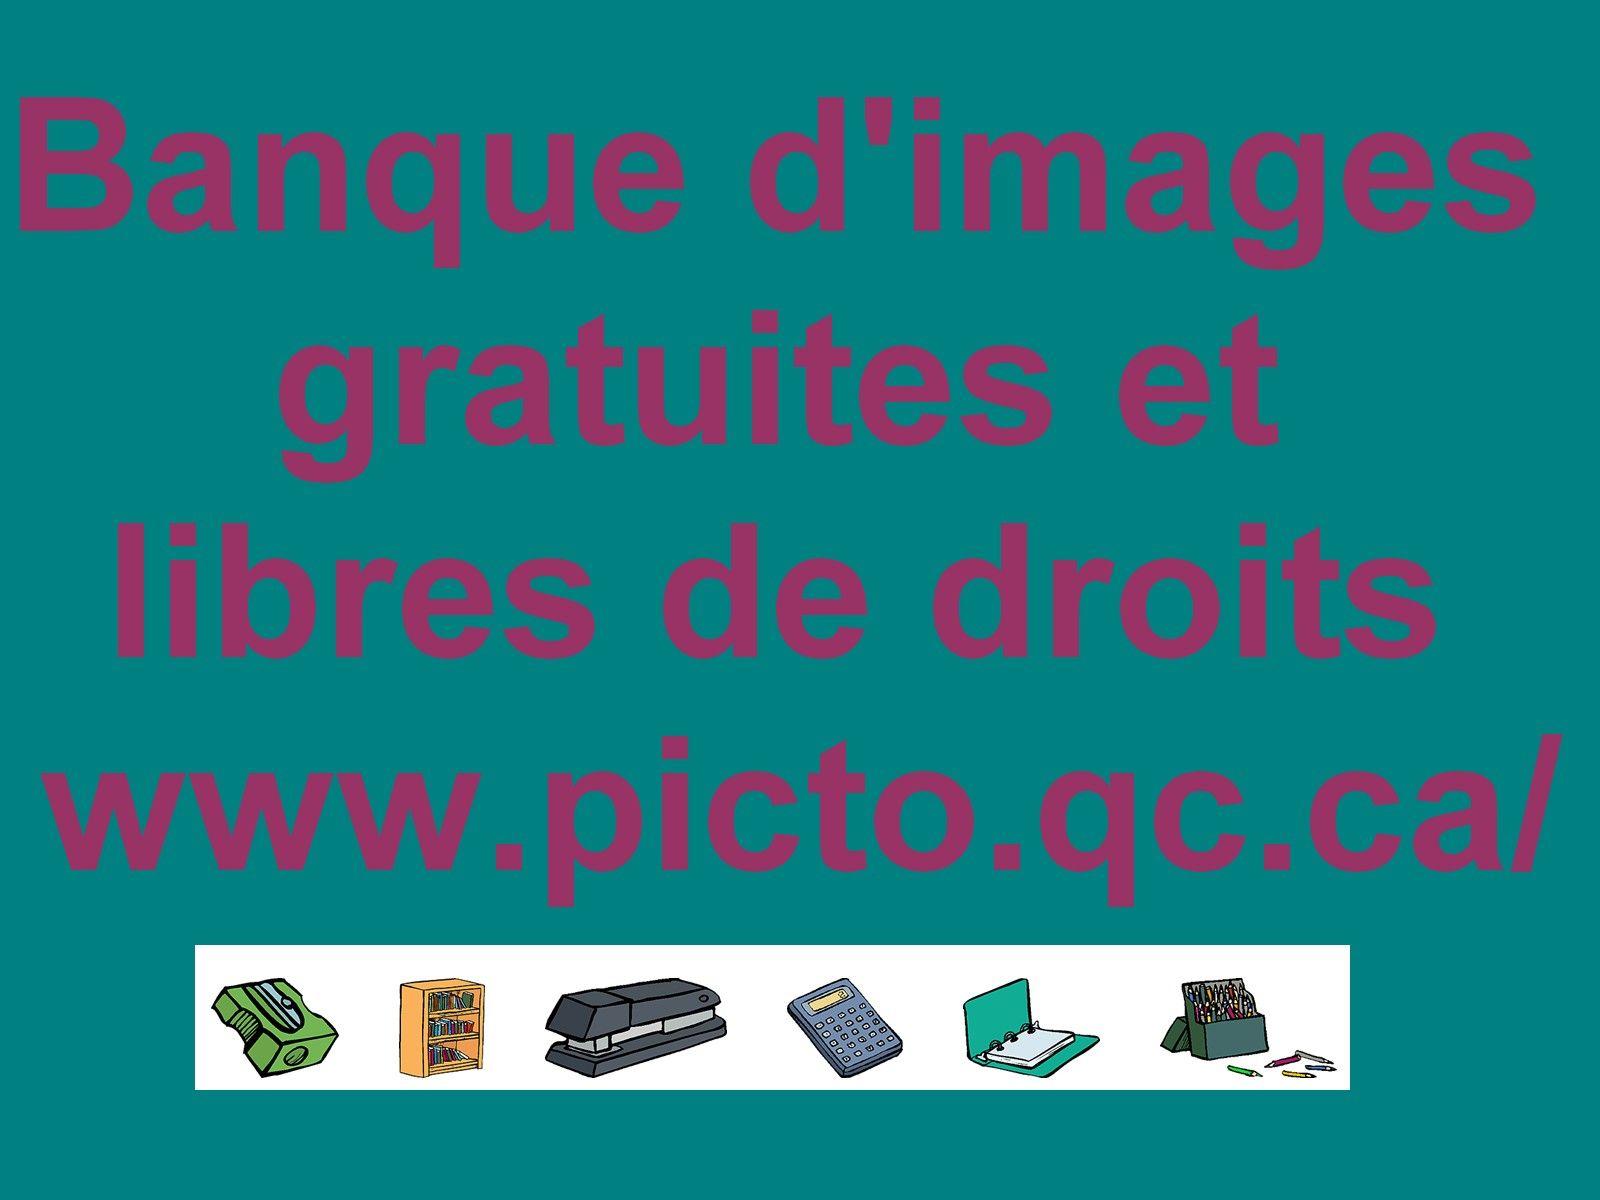 Banque D U0026 39 Images Gratuites Et Libres De Droits  Picto Qc